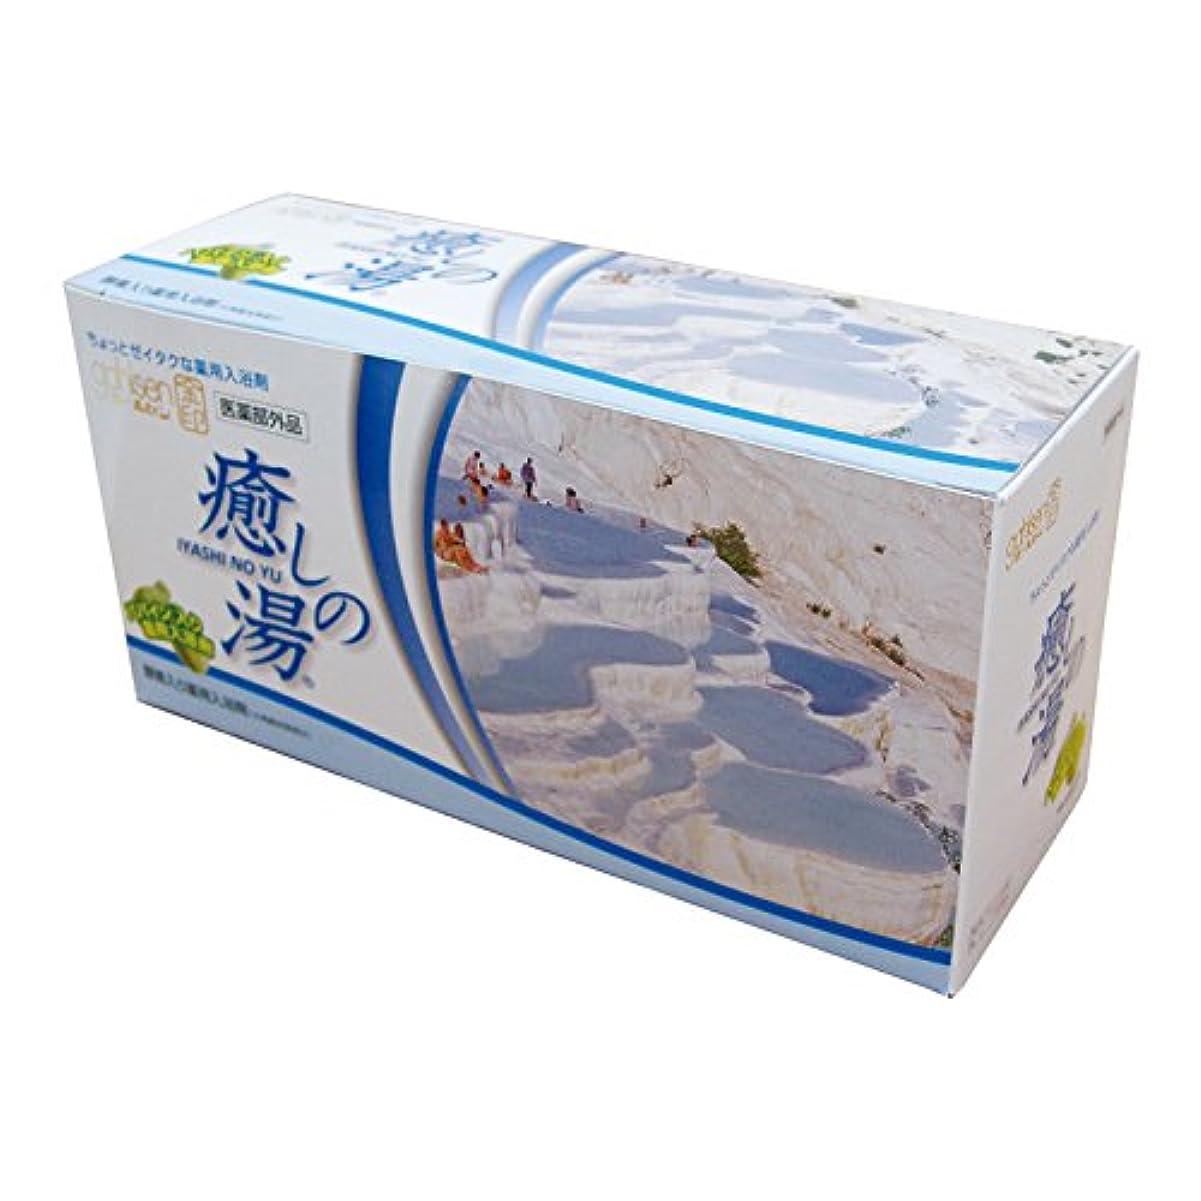 否定する買い物に行く天窓Bath Terminal 【入浴剤】ガールセン 癒しの湯 金印 30包入【日本生化学正規代理店】